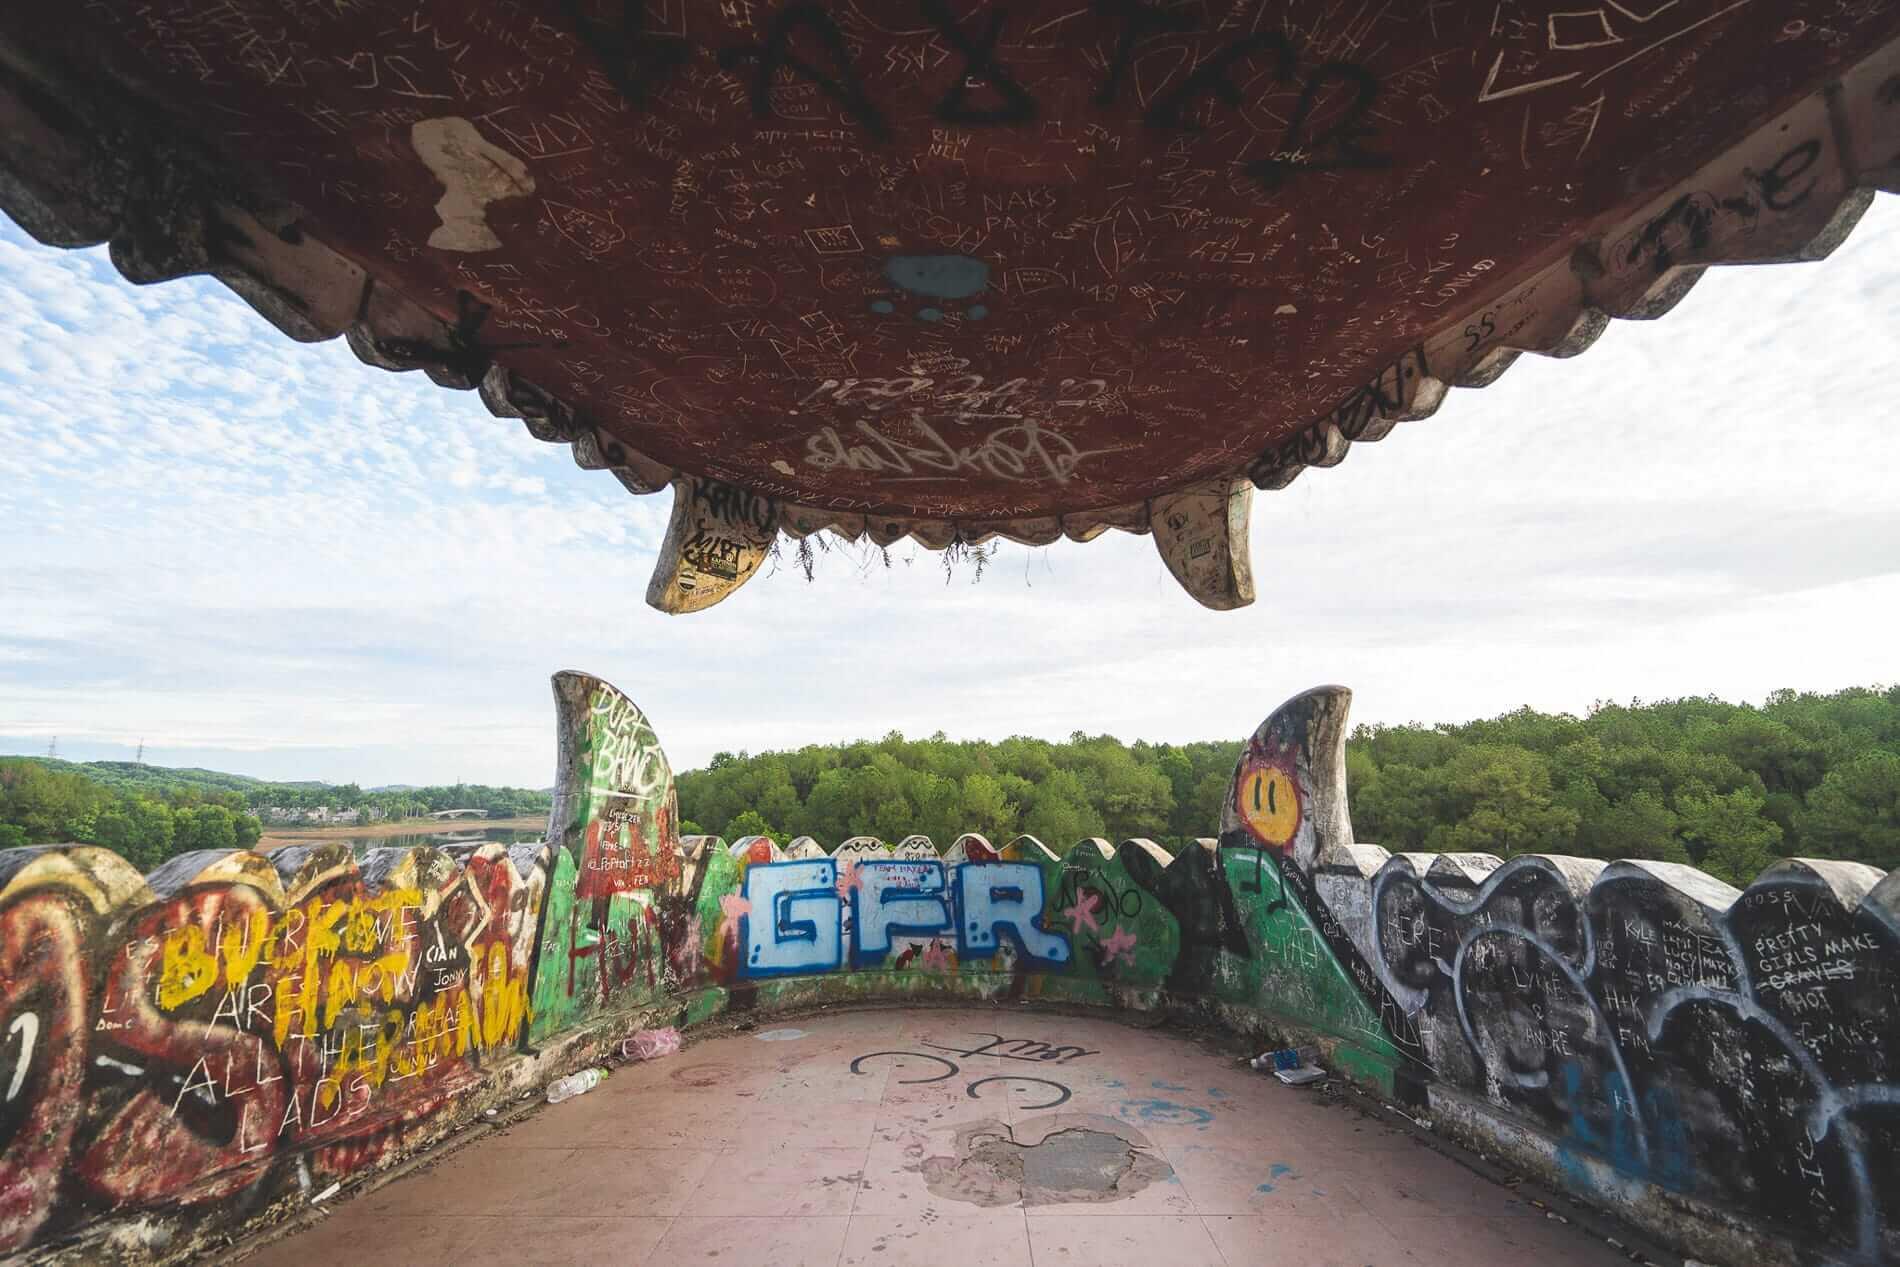 Graffiti everywhere - Hues Abandoned Water Park